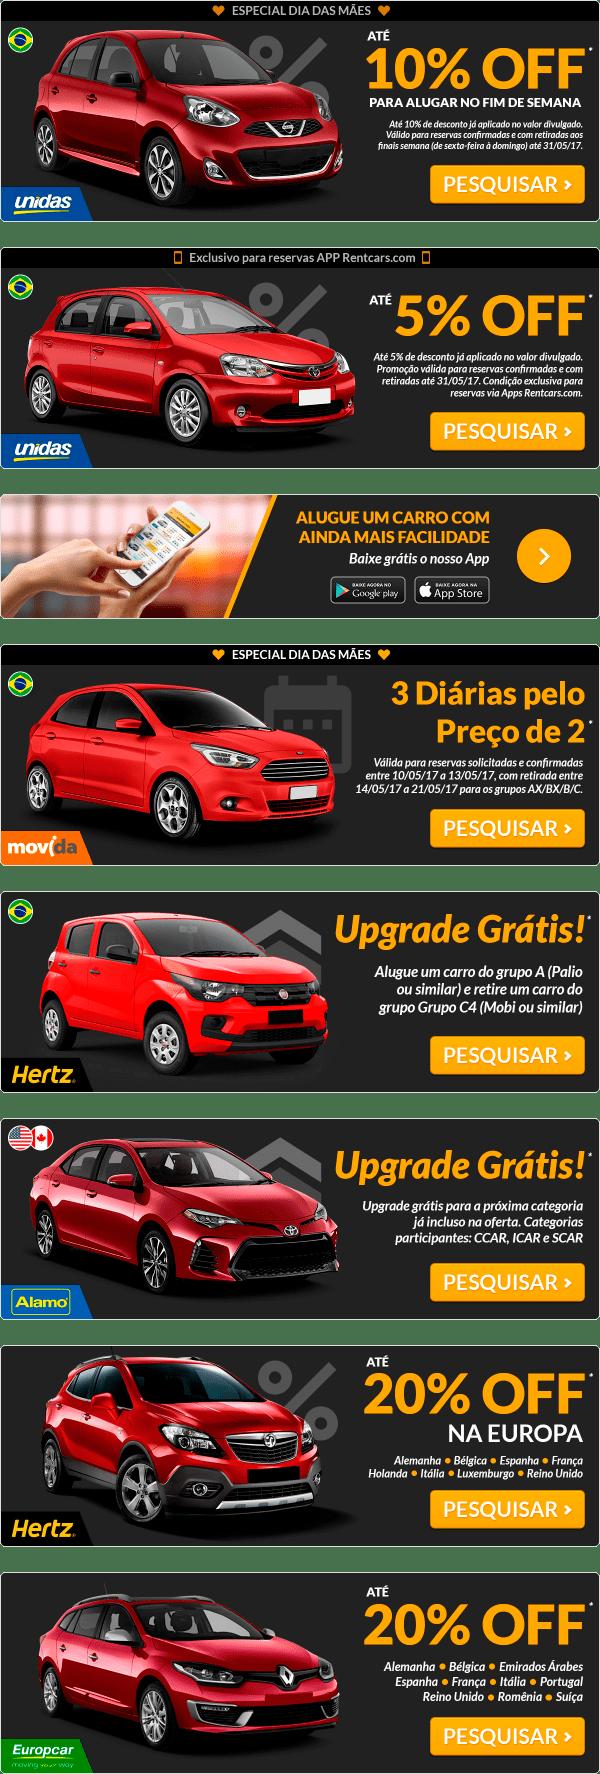 promocoes-rentcars